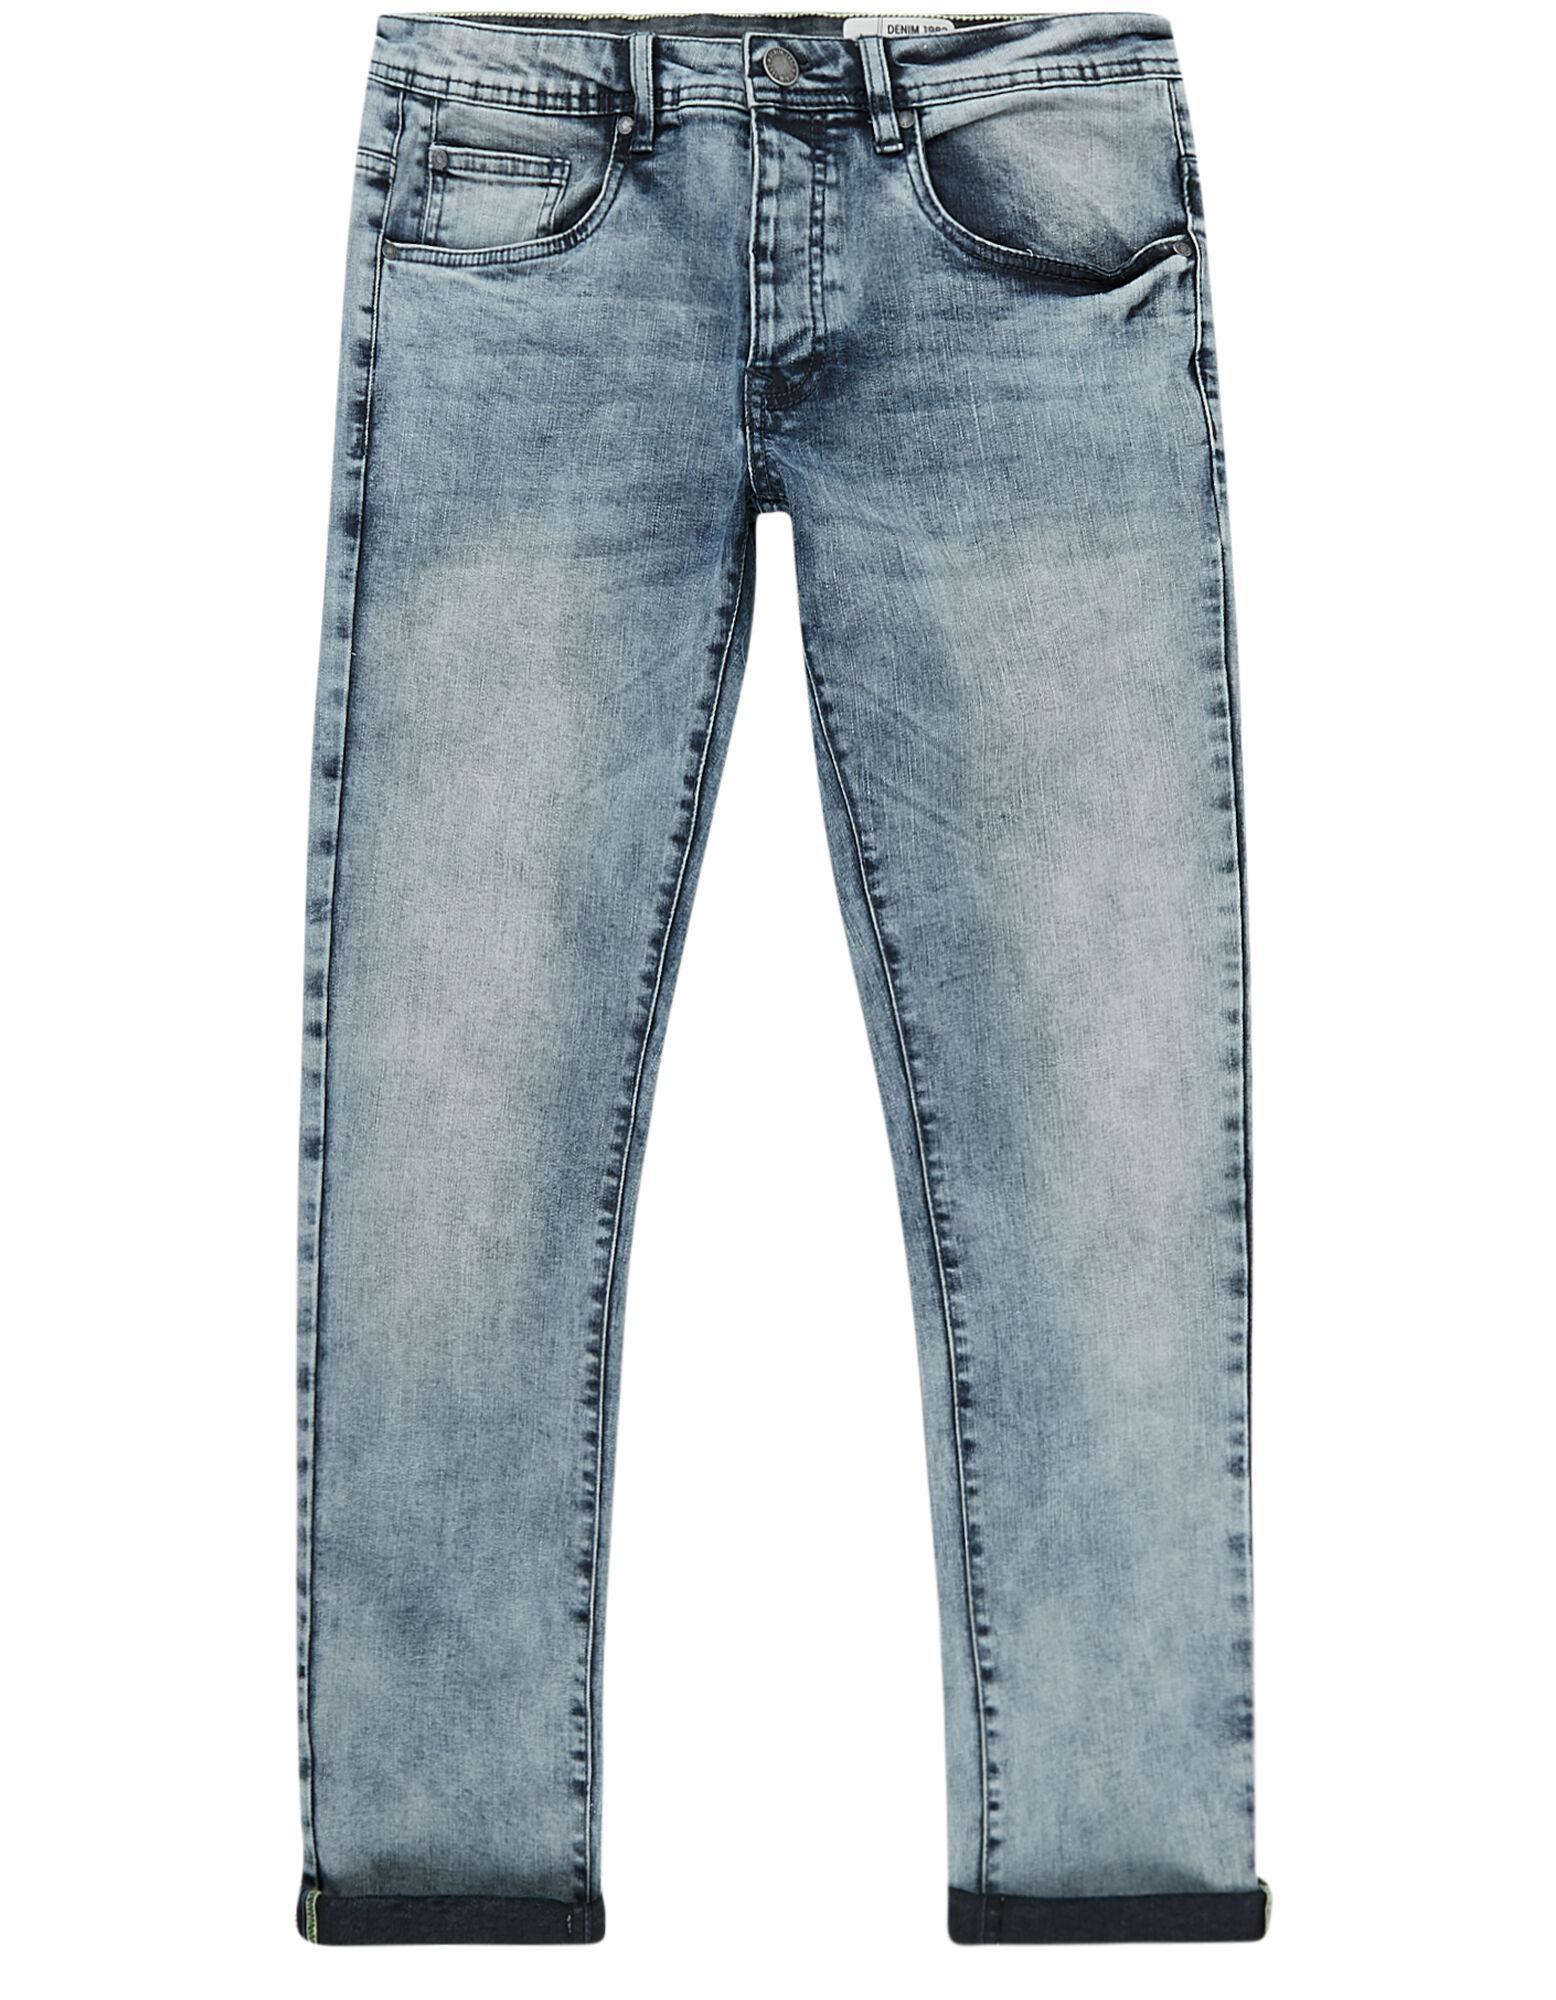 Herren Skinny Fit Jeans im Bleached Look